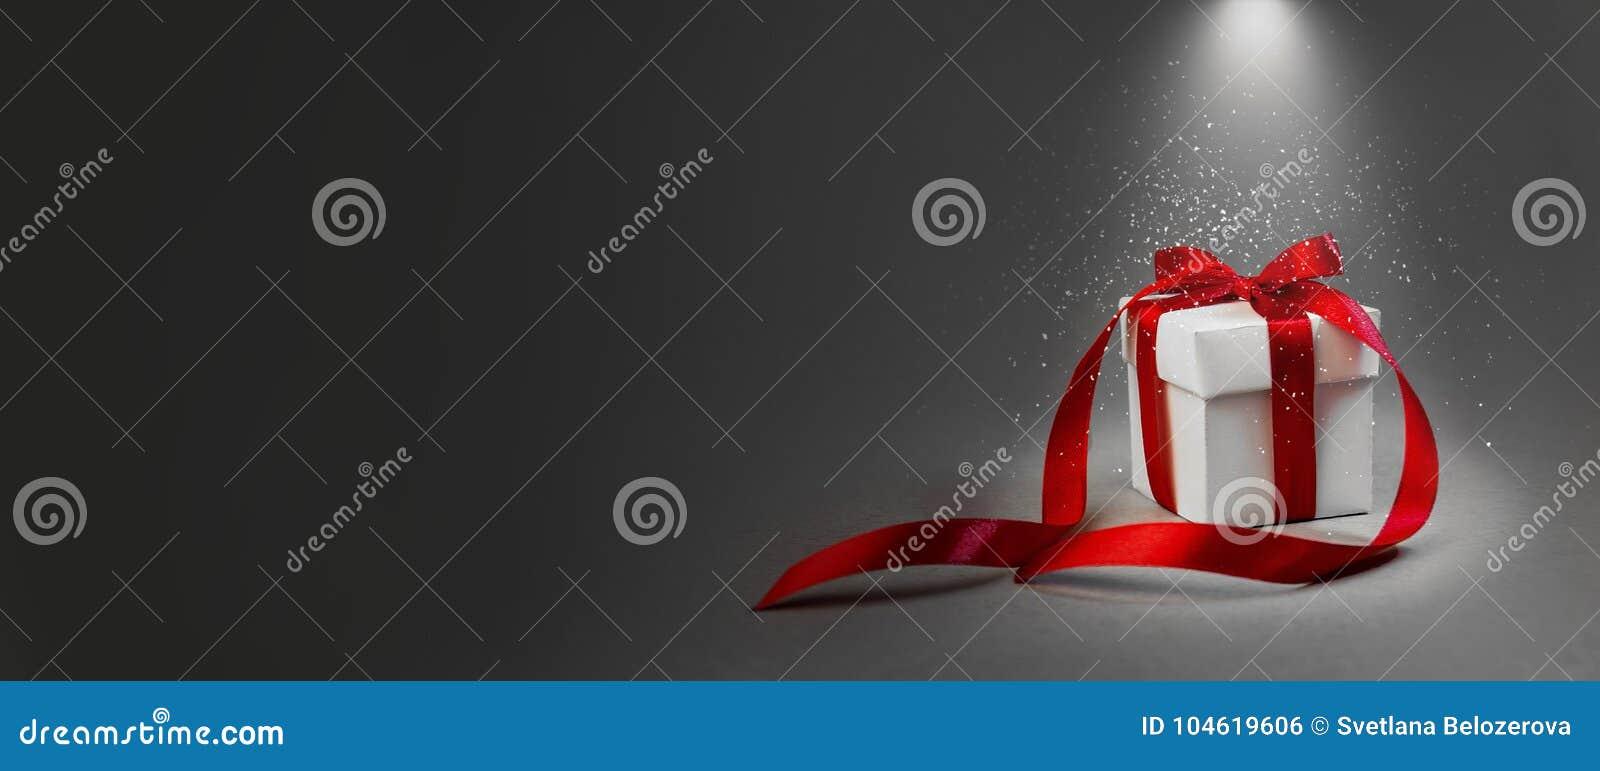 圣诞节礼物白色箱子红色丝带深灰背景概念夜有启发性灯笼新年假日构成横幅